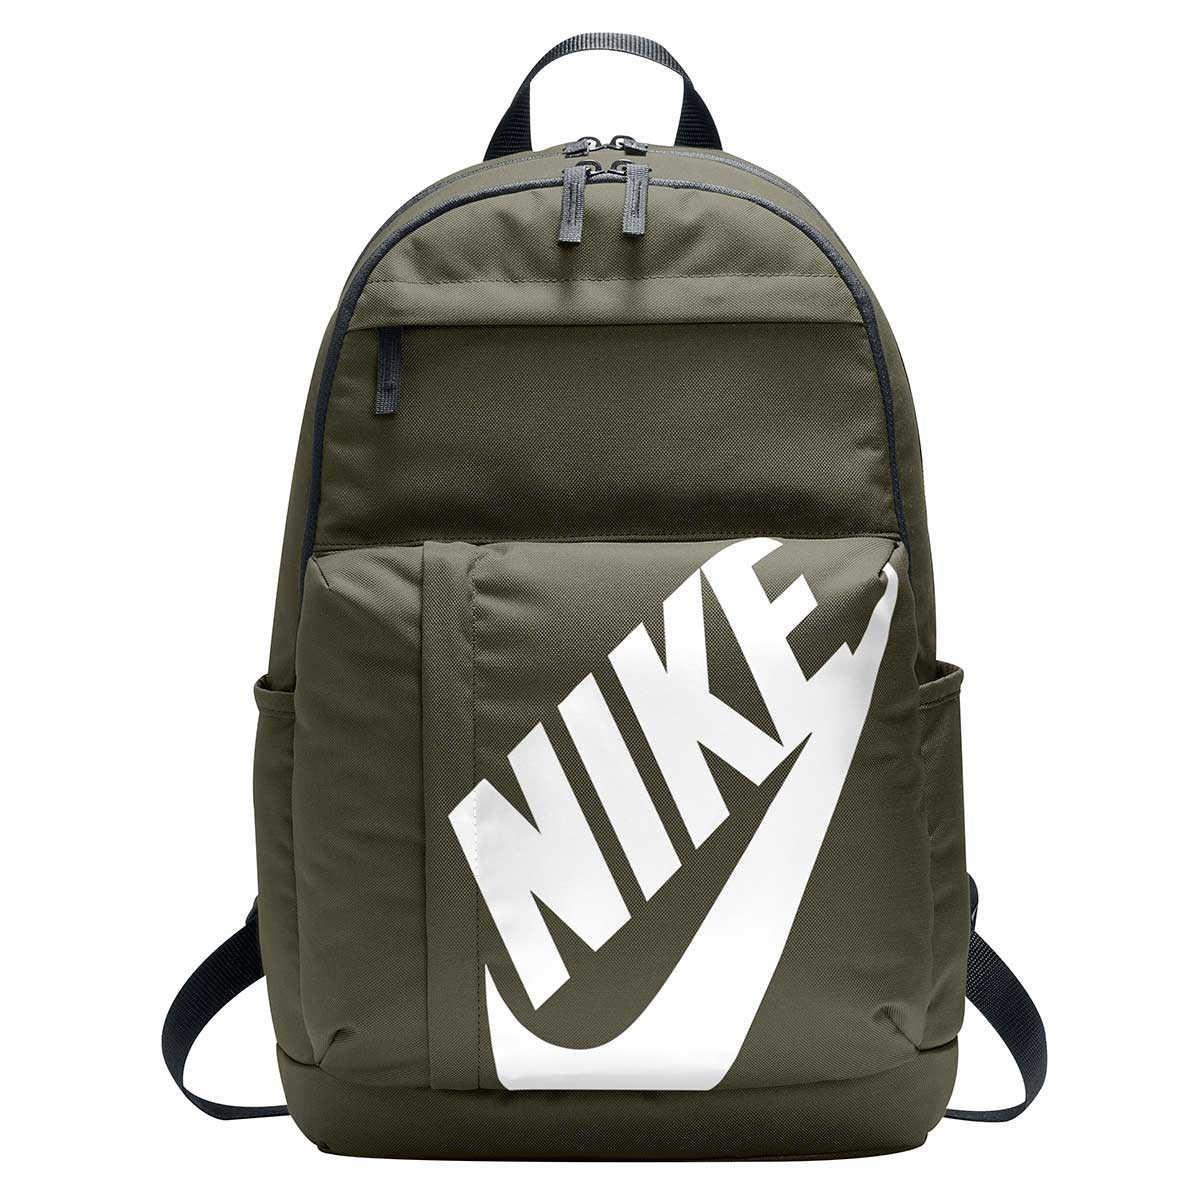 Dgt En Escolar Nike 395 Para Envio Ba5381 Mochila Hombre 818 00 qaR1xwqPn4